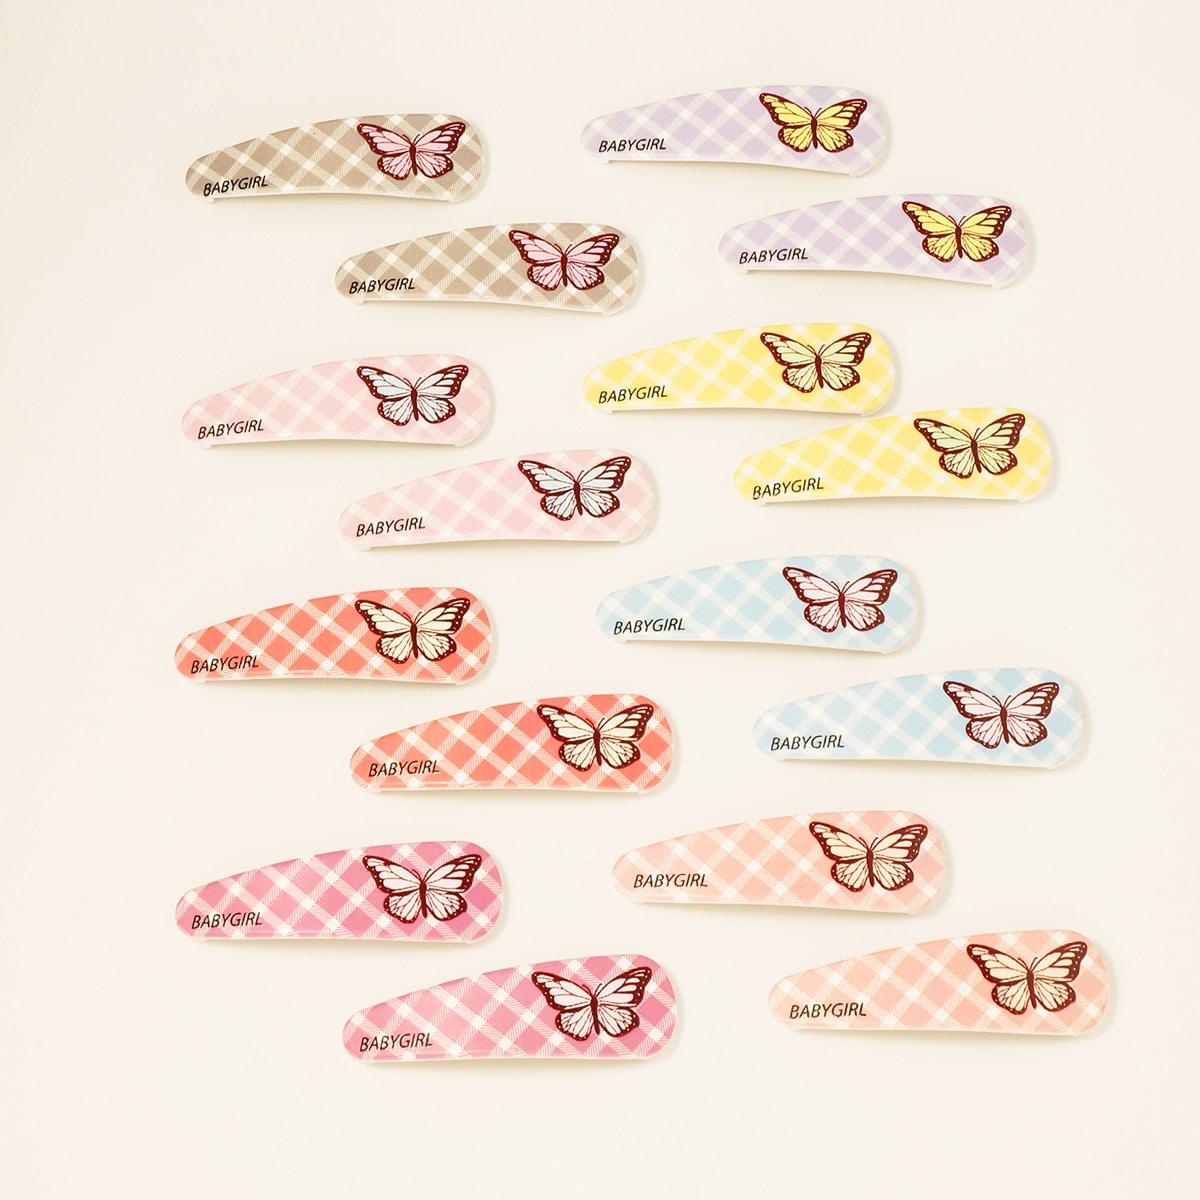 16шт зажим для волос с узором бабочки для девочек